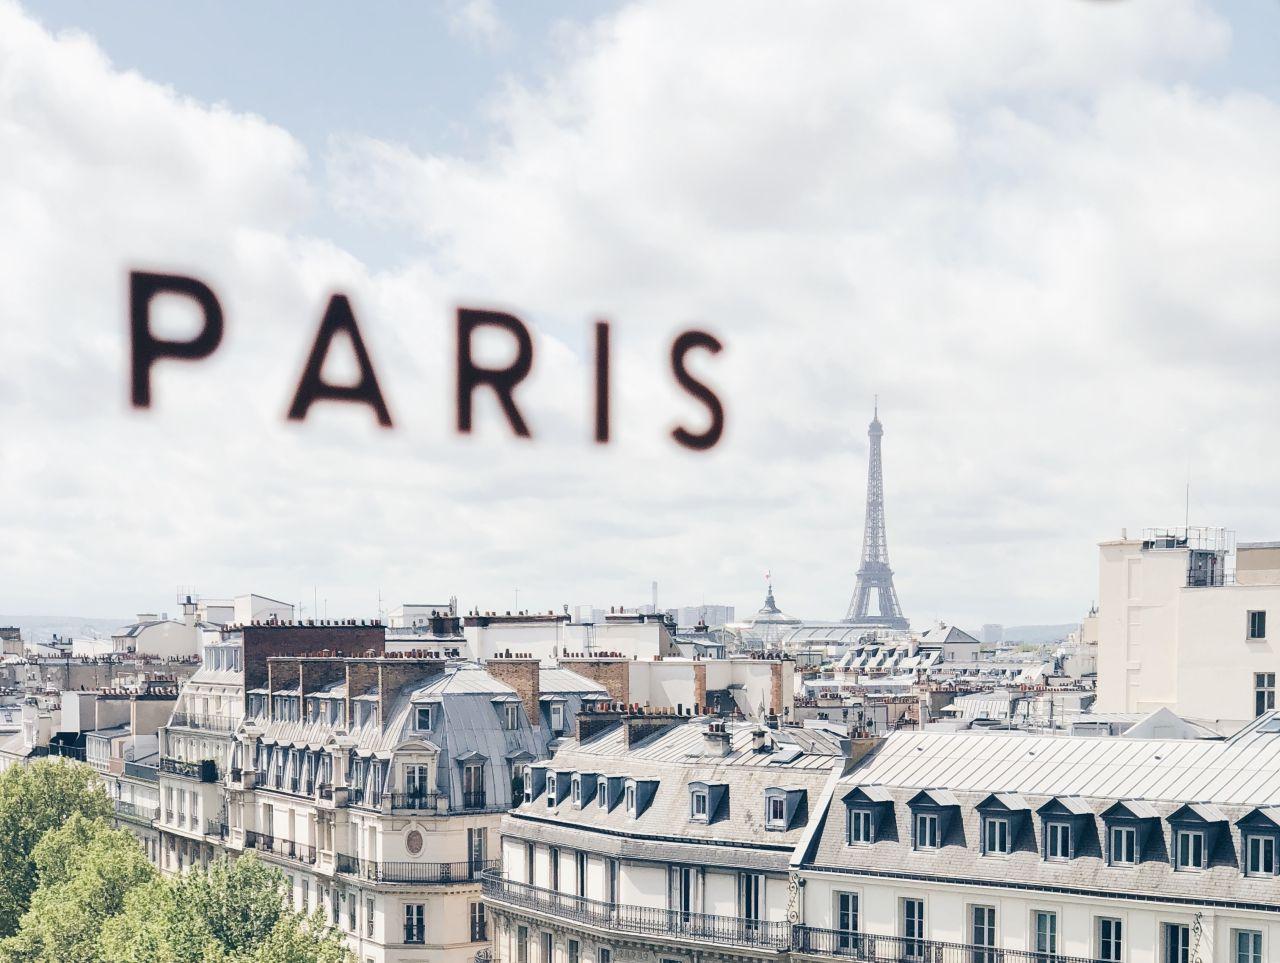 【巴黎住宿推薦】巴黎安全住宿區域整理,嚴選美景特色公寓飯店